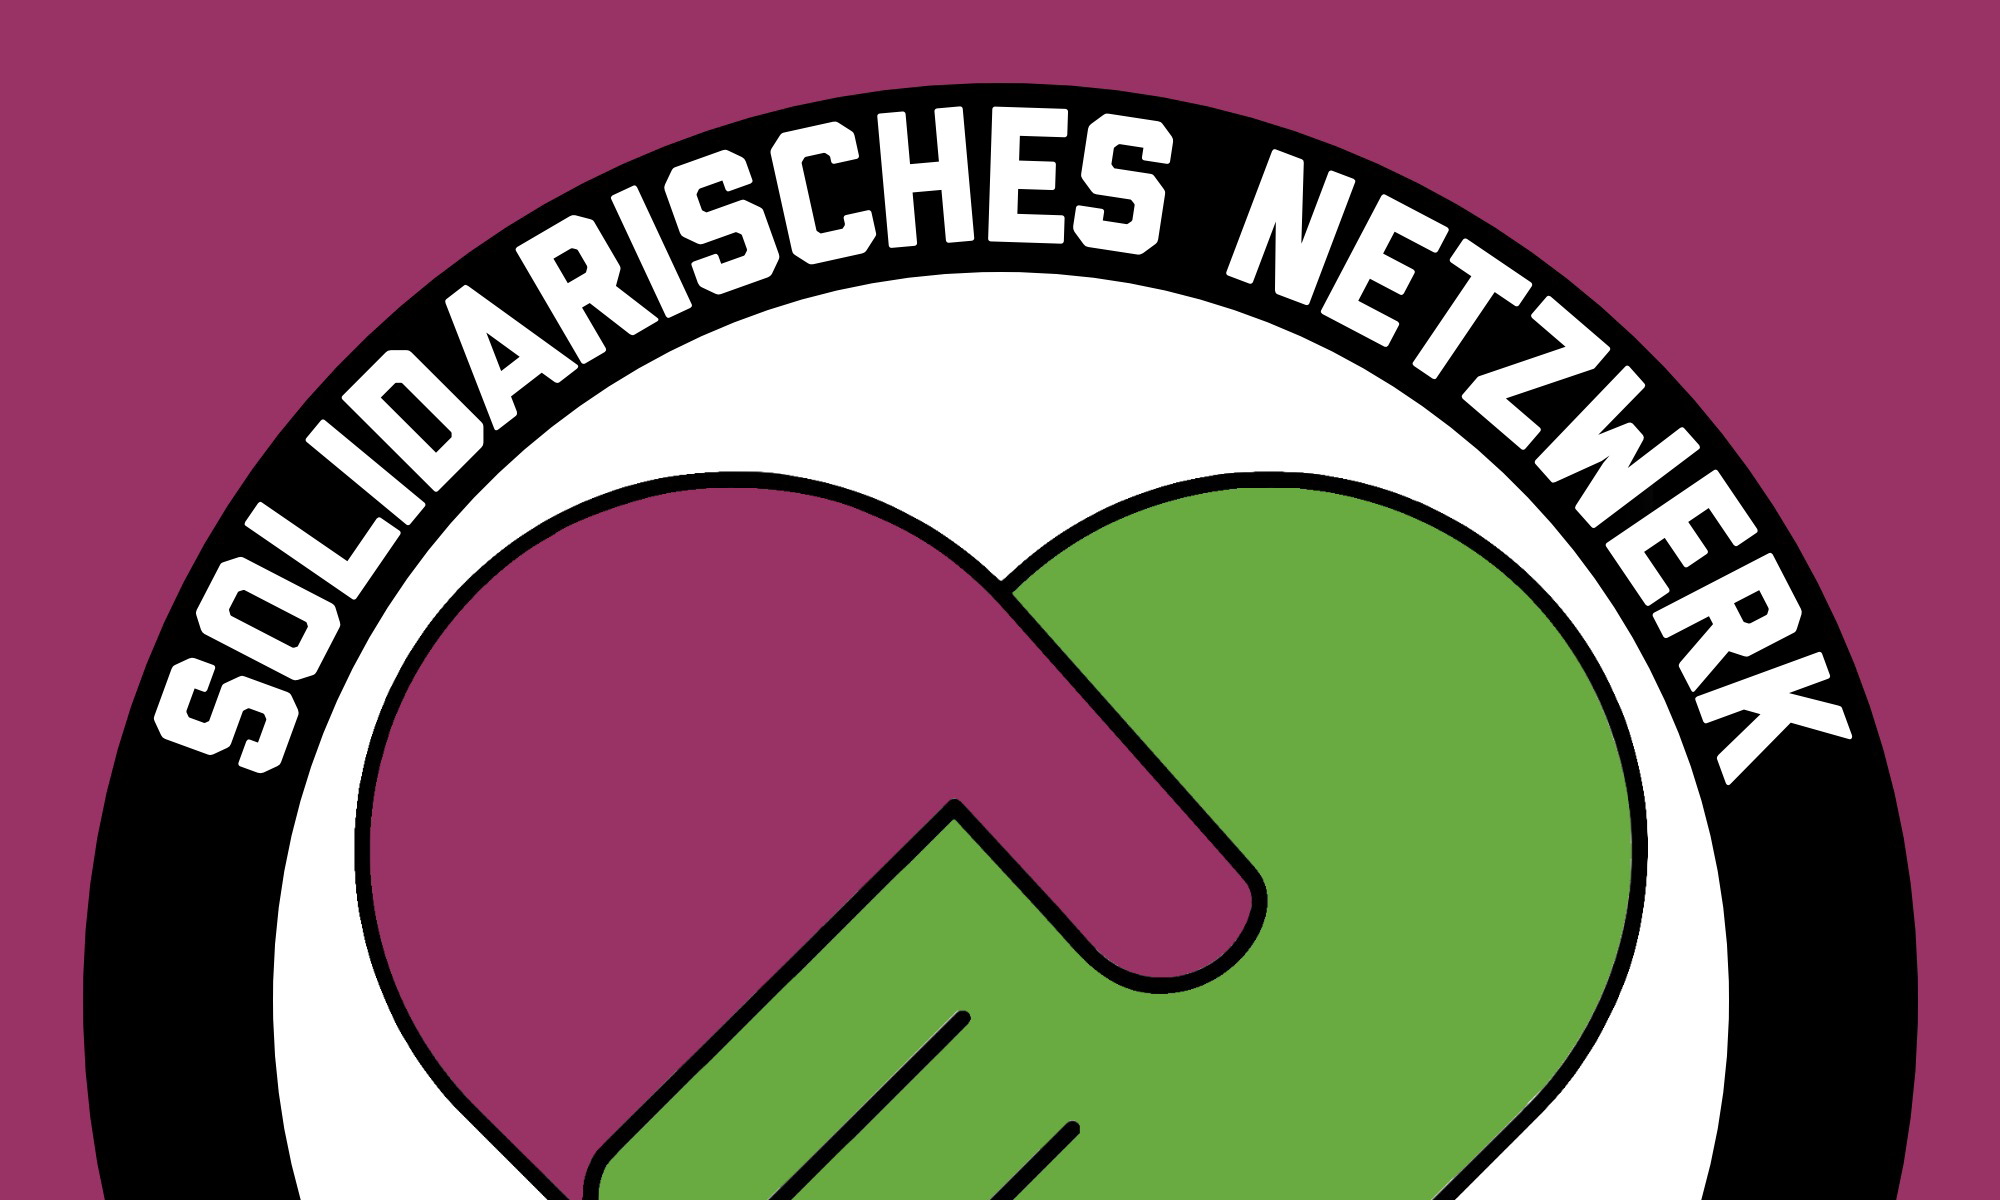 Solidarisches Netzwerk Freising